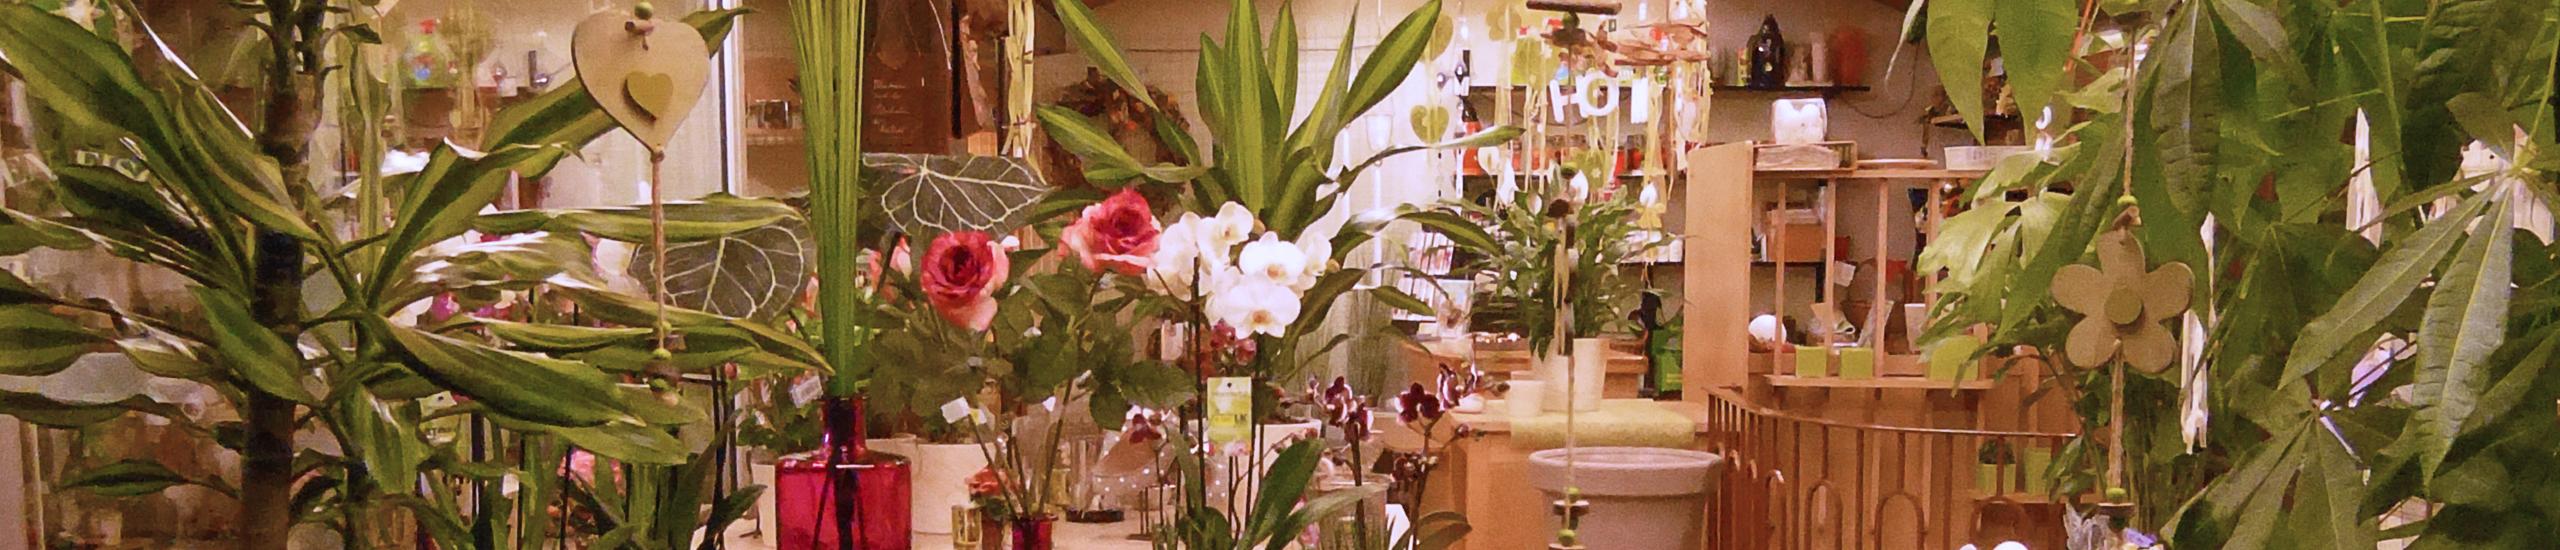 blumen kaufen ihr blumenladen in hungen blumen fischer. Black Bedroom Furniture Sets. Home Design Ideas